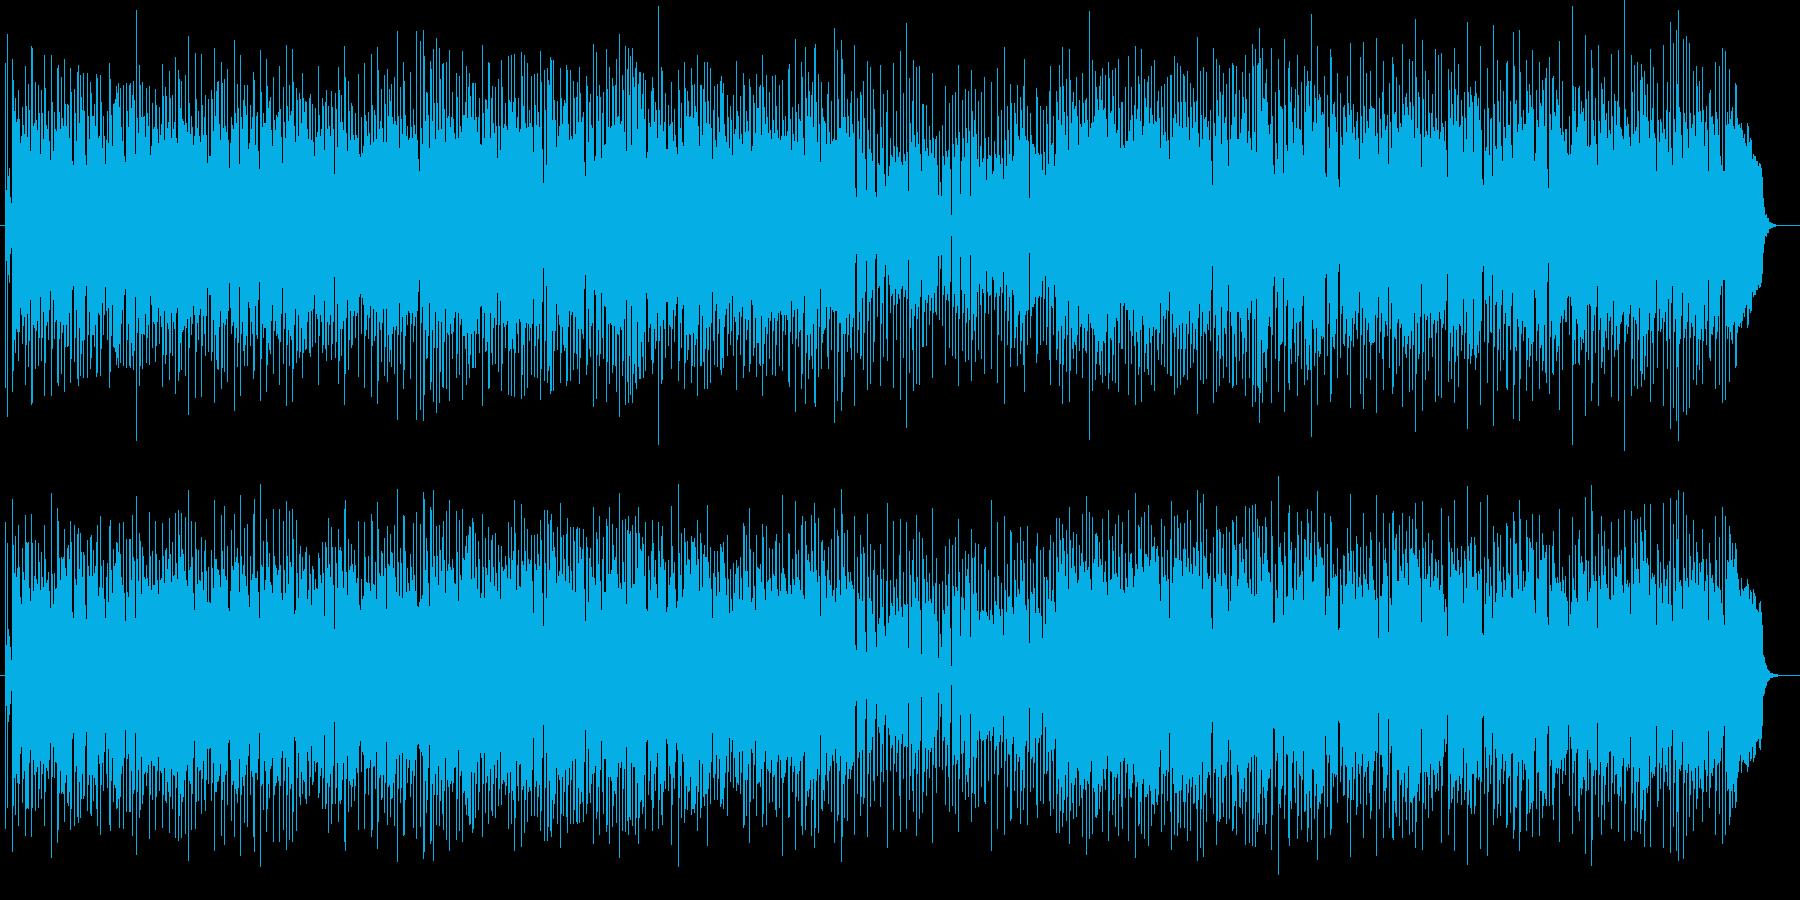 軽快でミディアムテンポが特徴のポップスの再生済みの波形